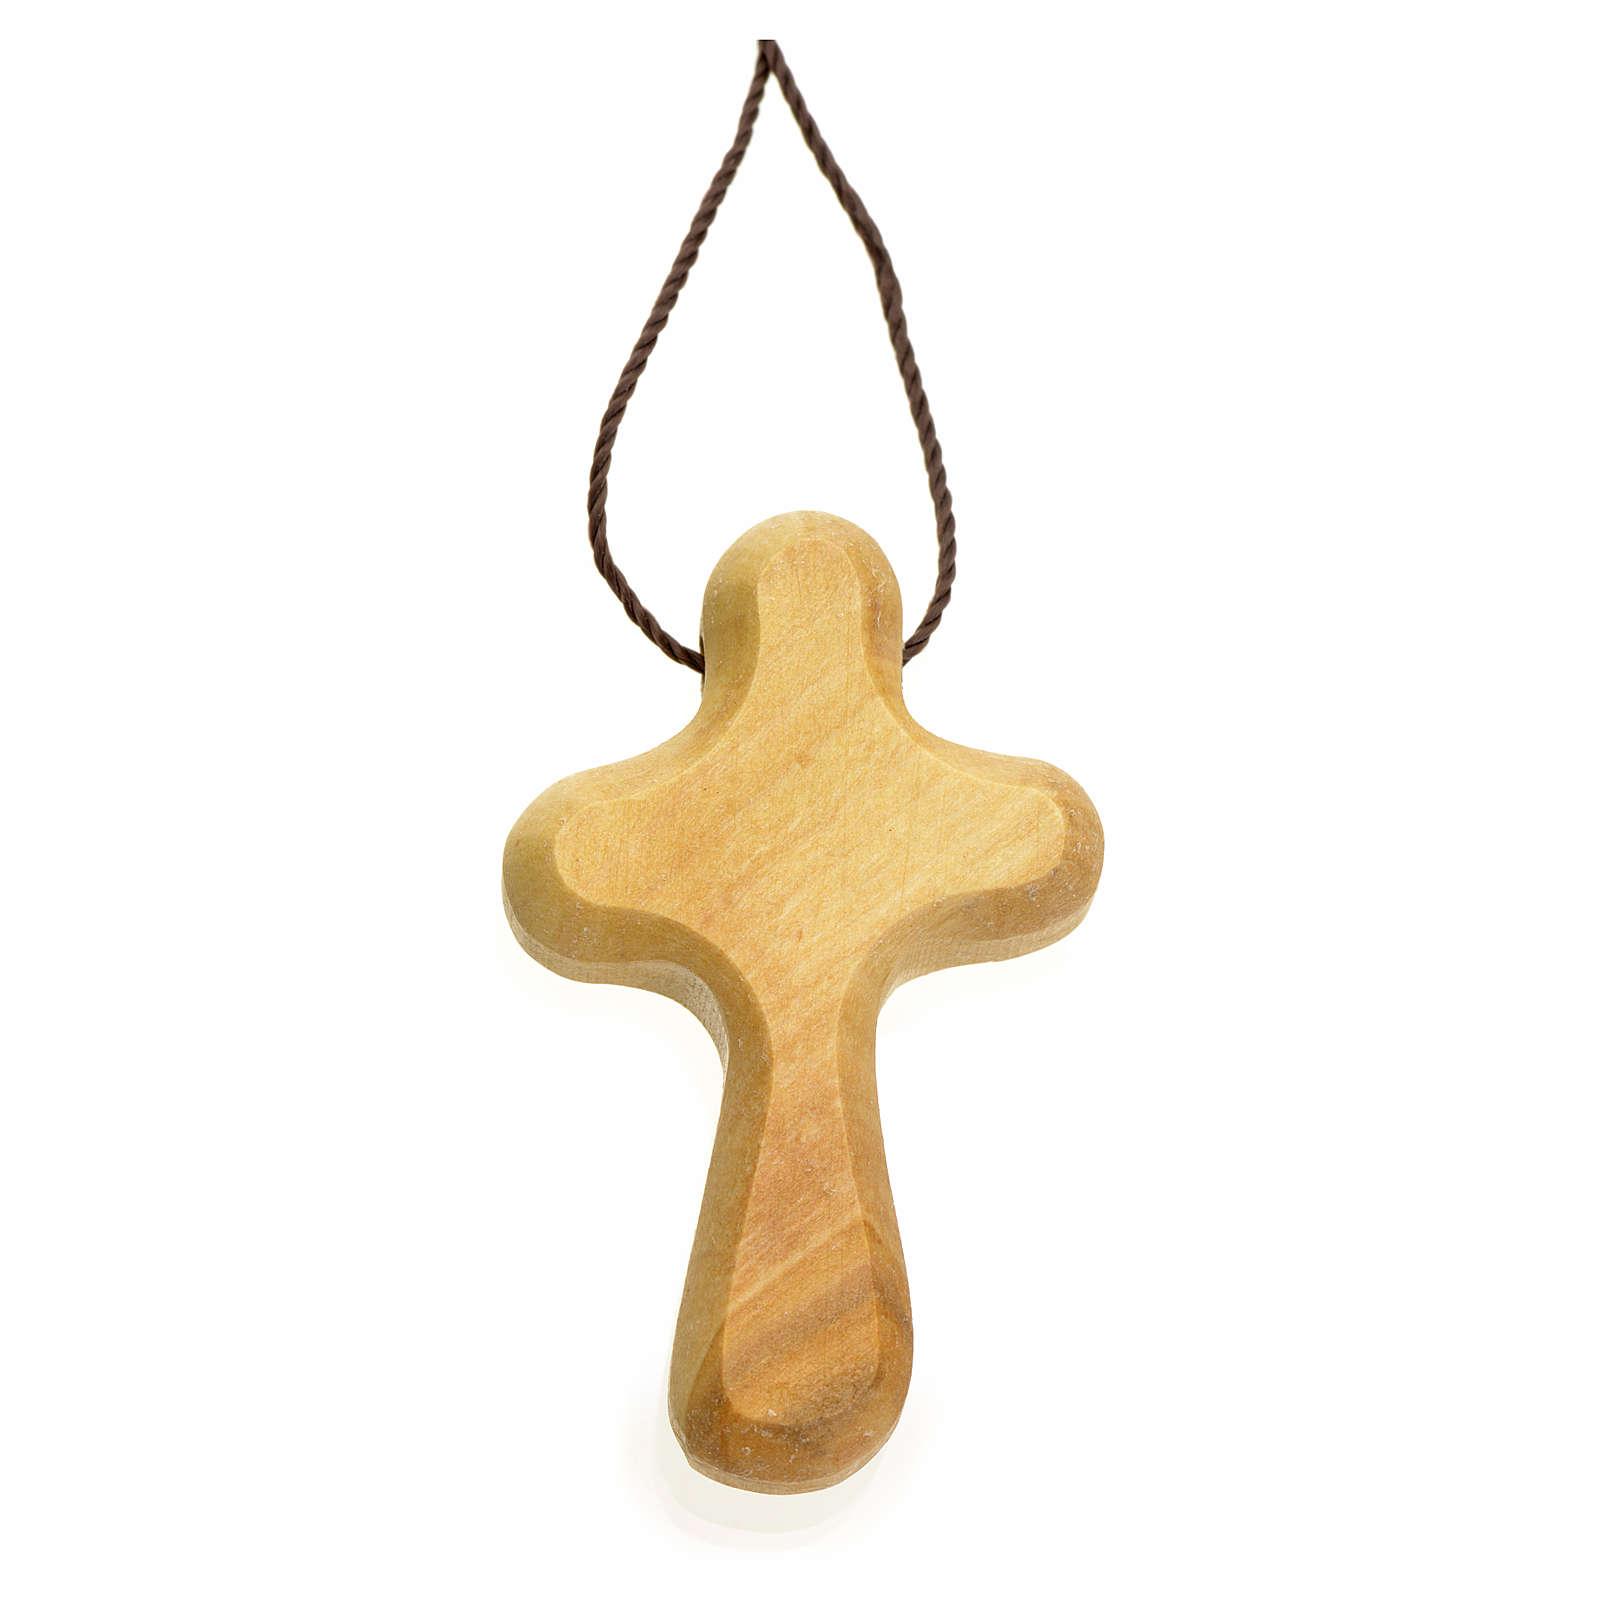 Kreuz des Lebens Olivenholz Heiligen Land 4